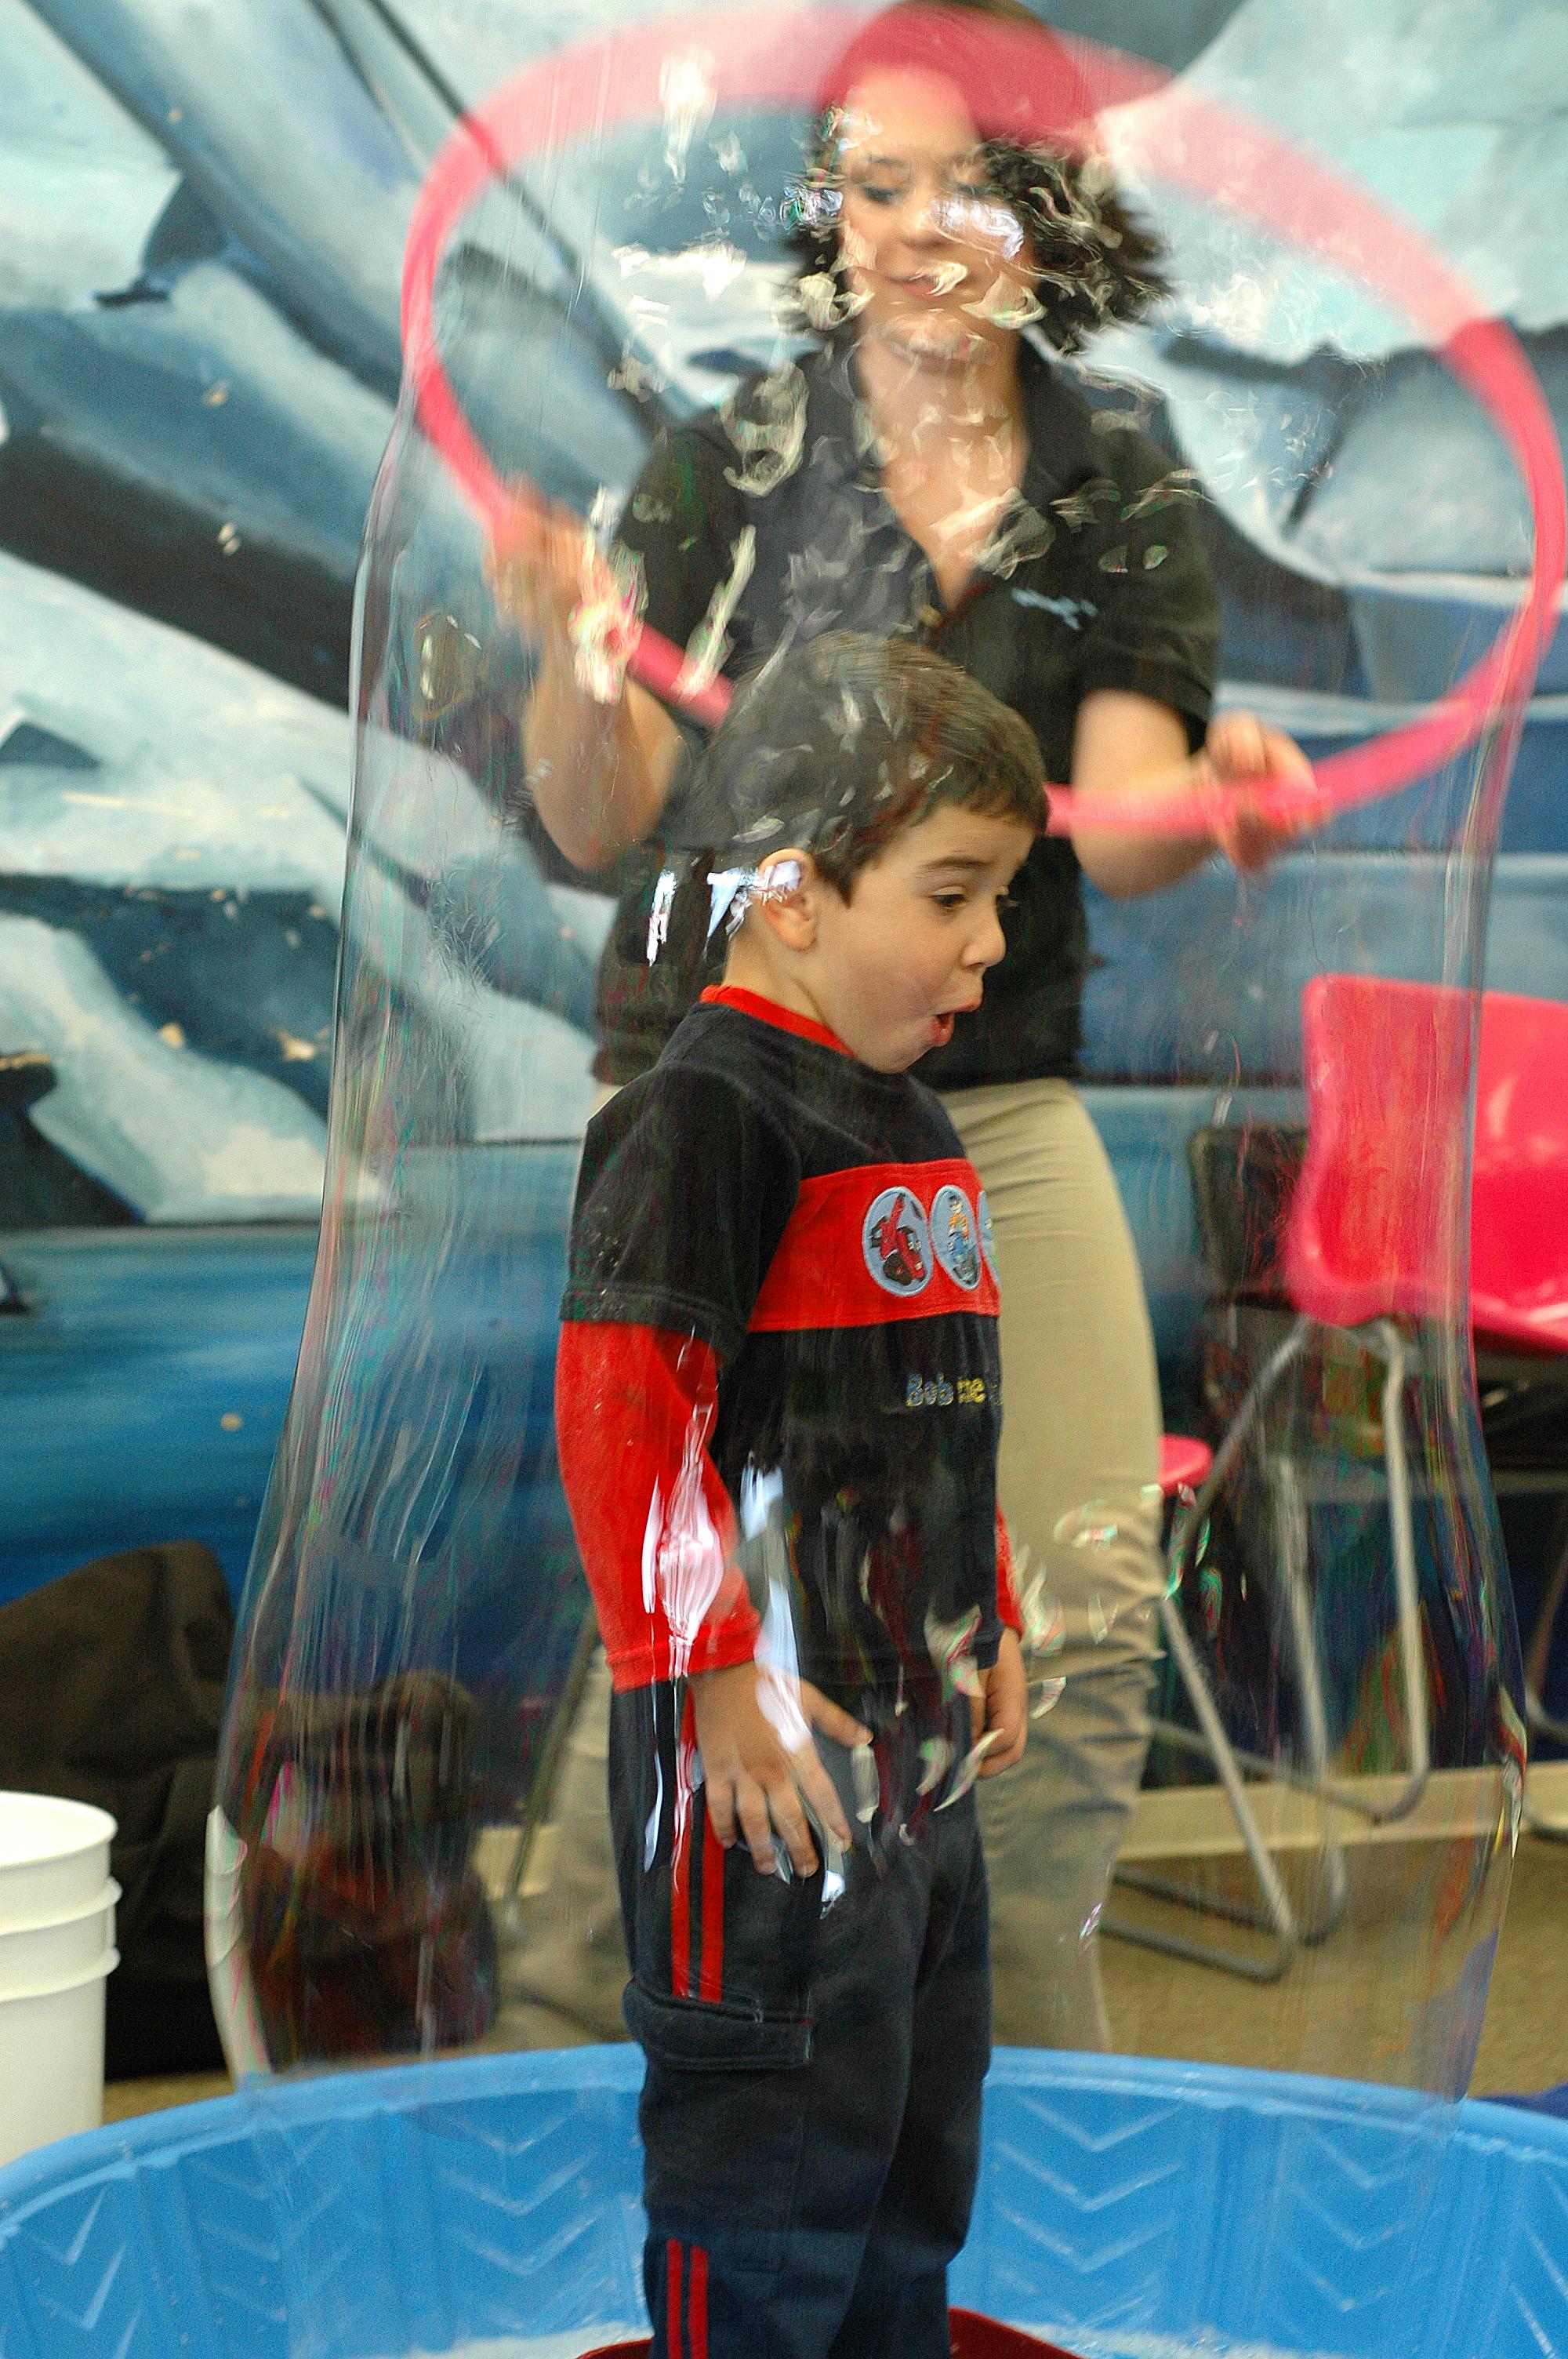 boy in bubble marcy.jpg